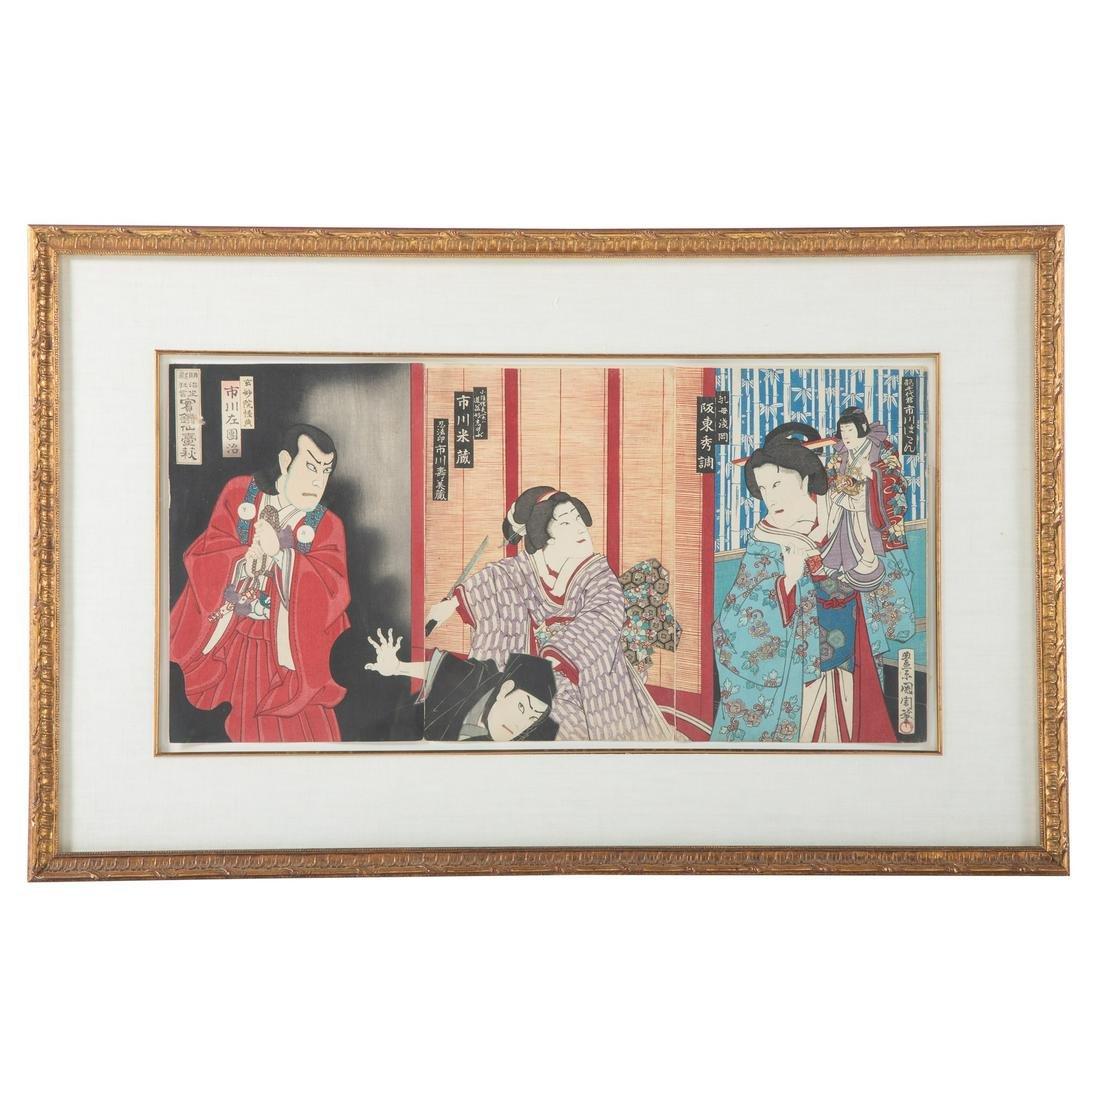 Toyohara Kunichika. Kabuki Scene